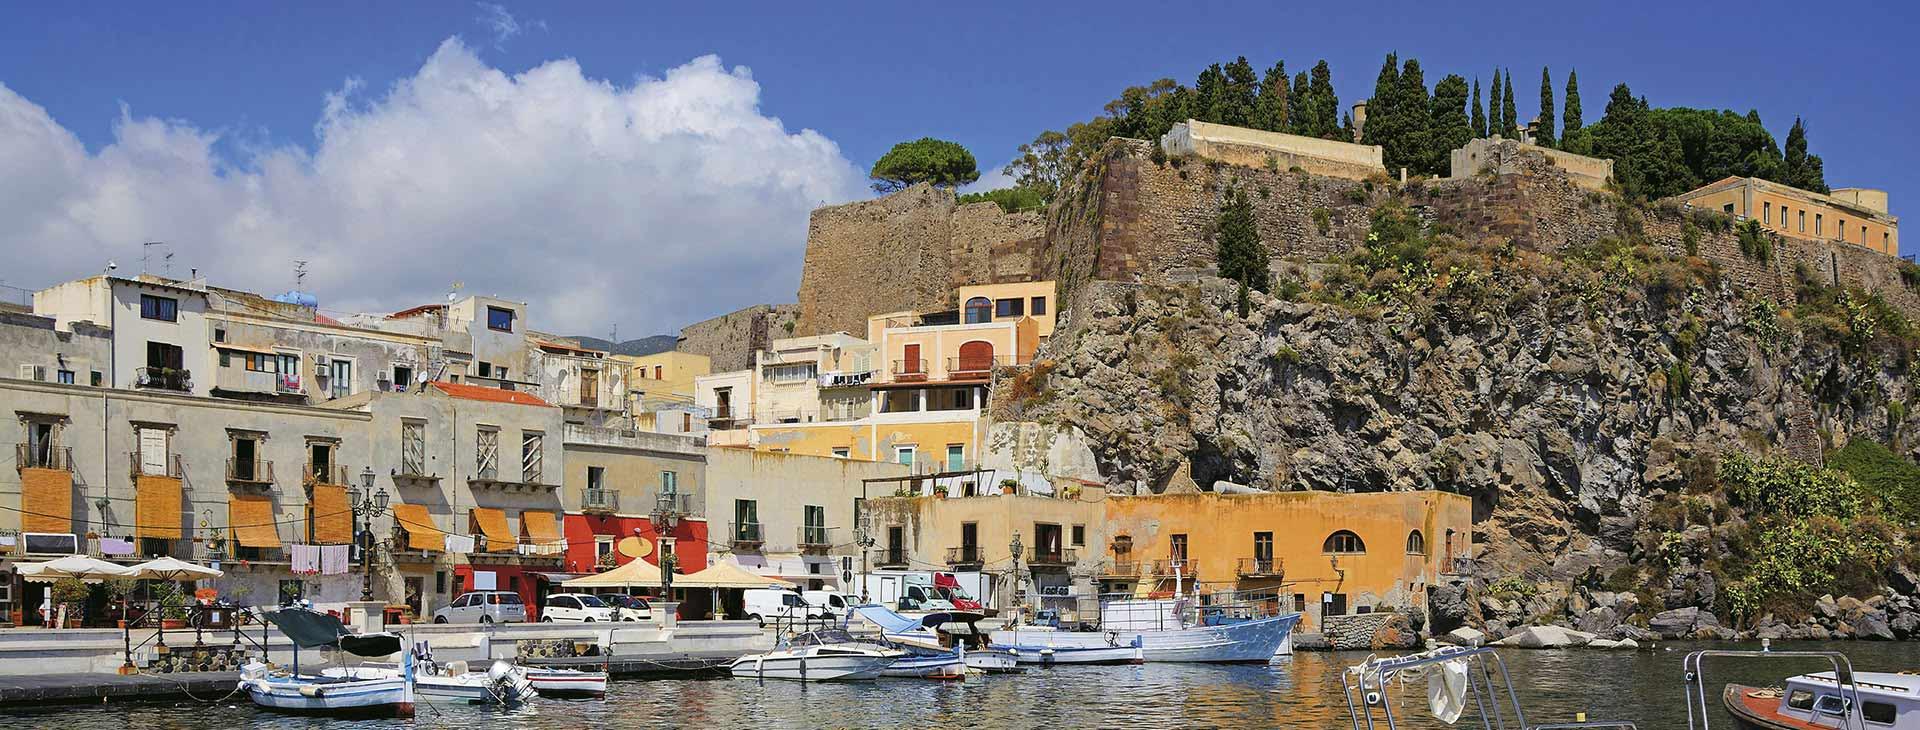 Sycylia - Wyspa Niezwykła z Palermo Włochy Wyc. objazdowe